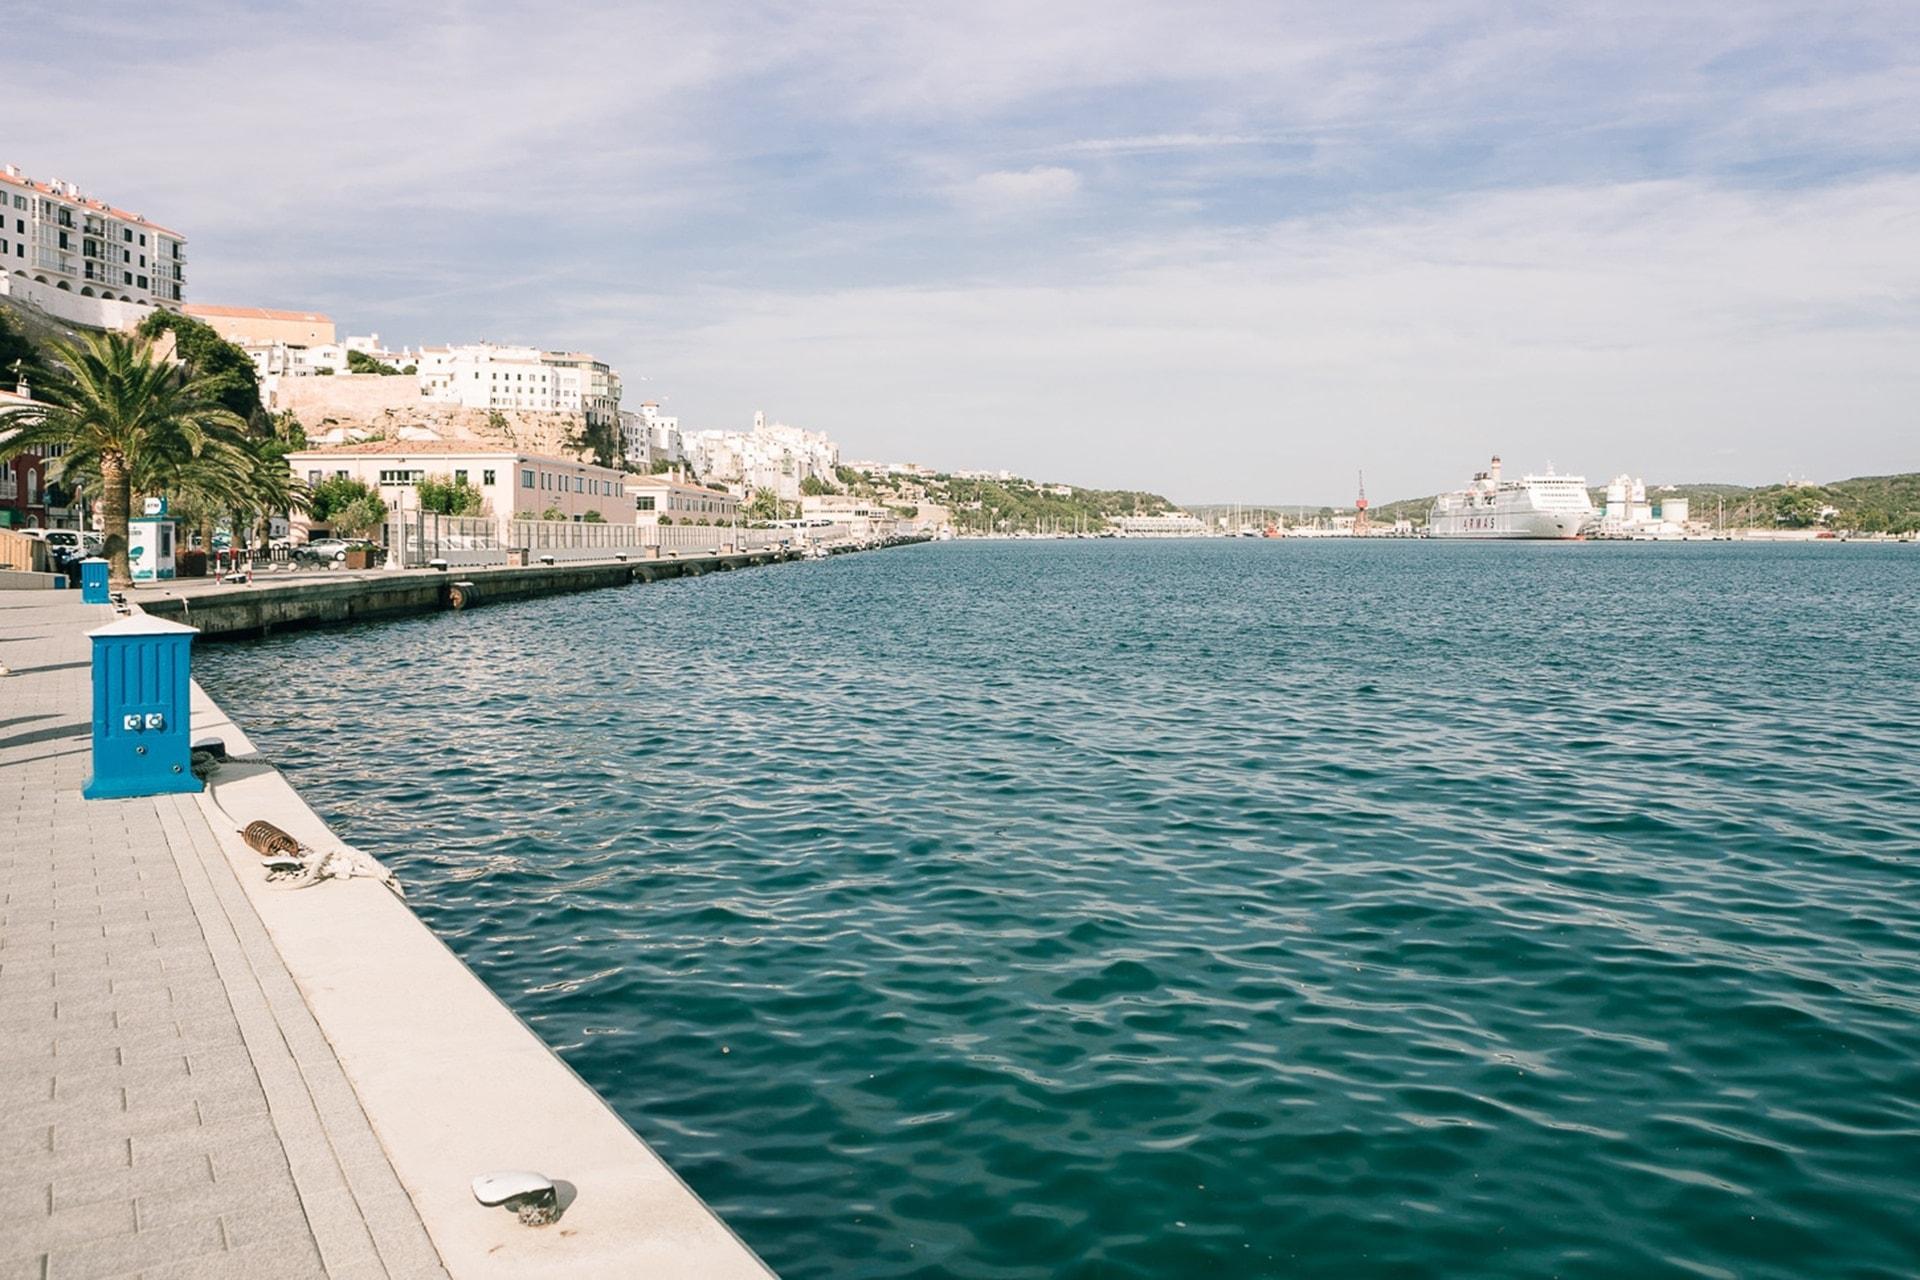 Port de Mahon à Minorque